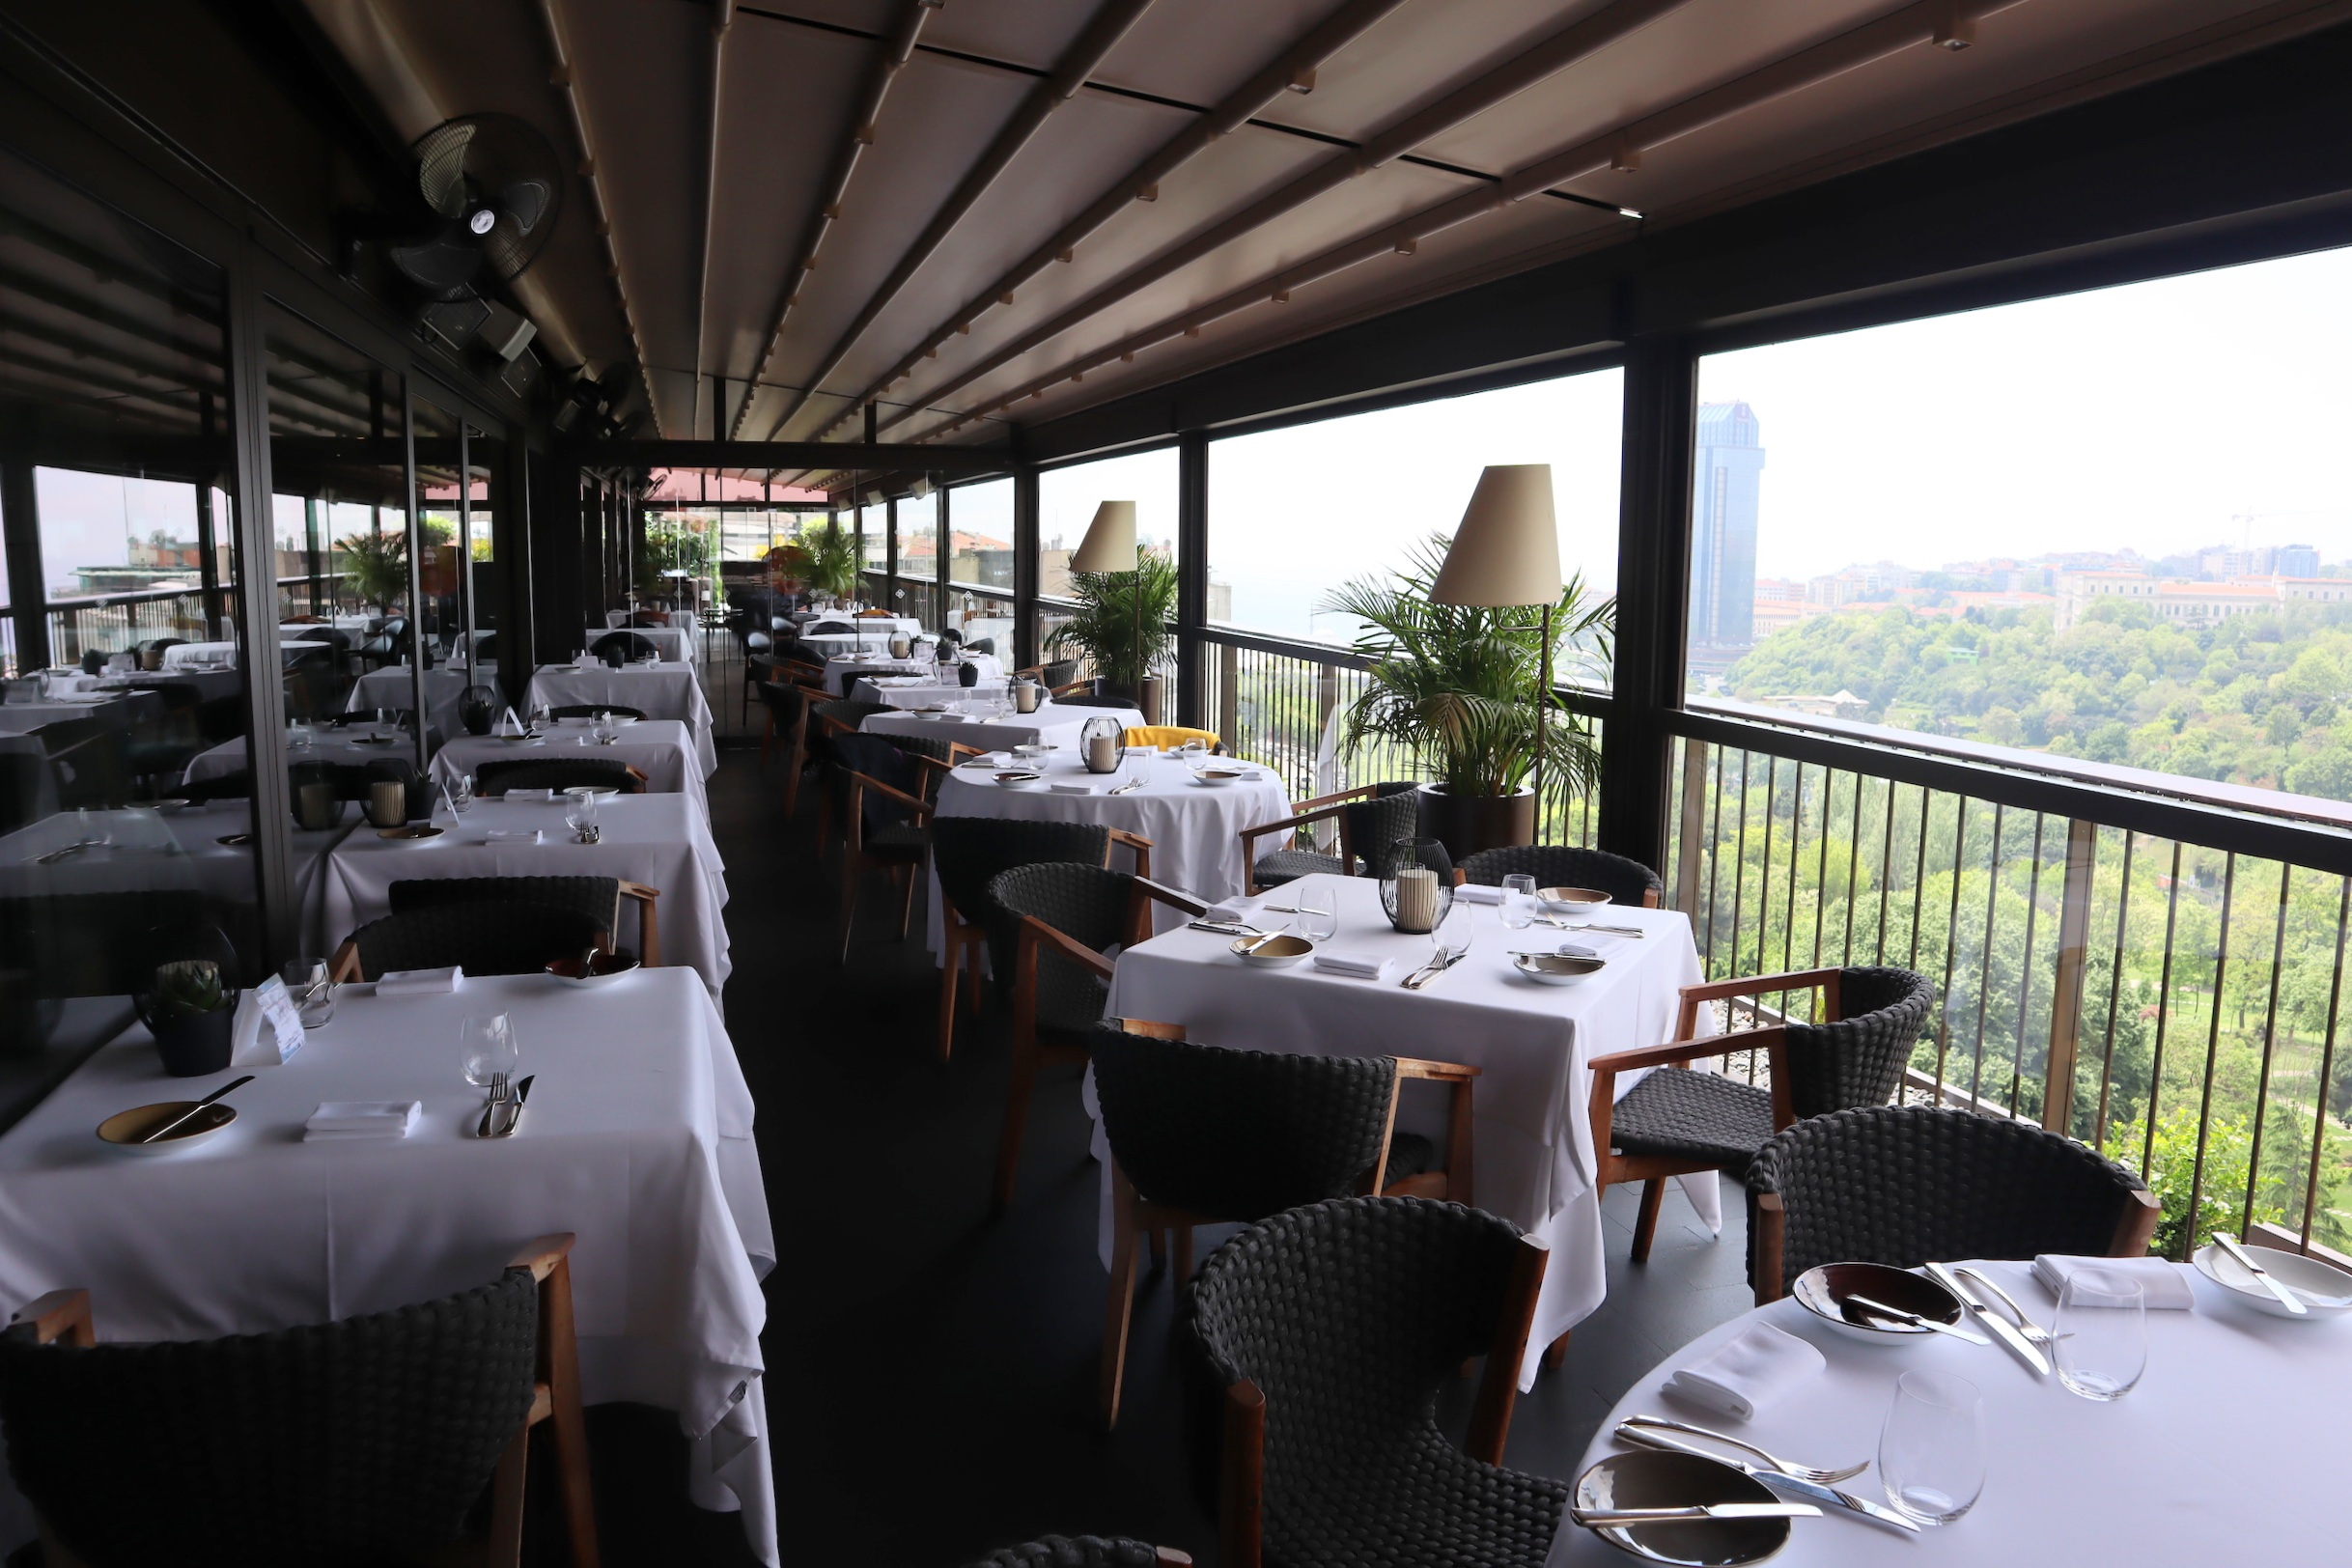 St. Regis Istanbul – Spago restaurant outdoor patio